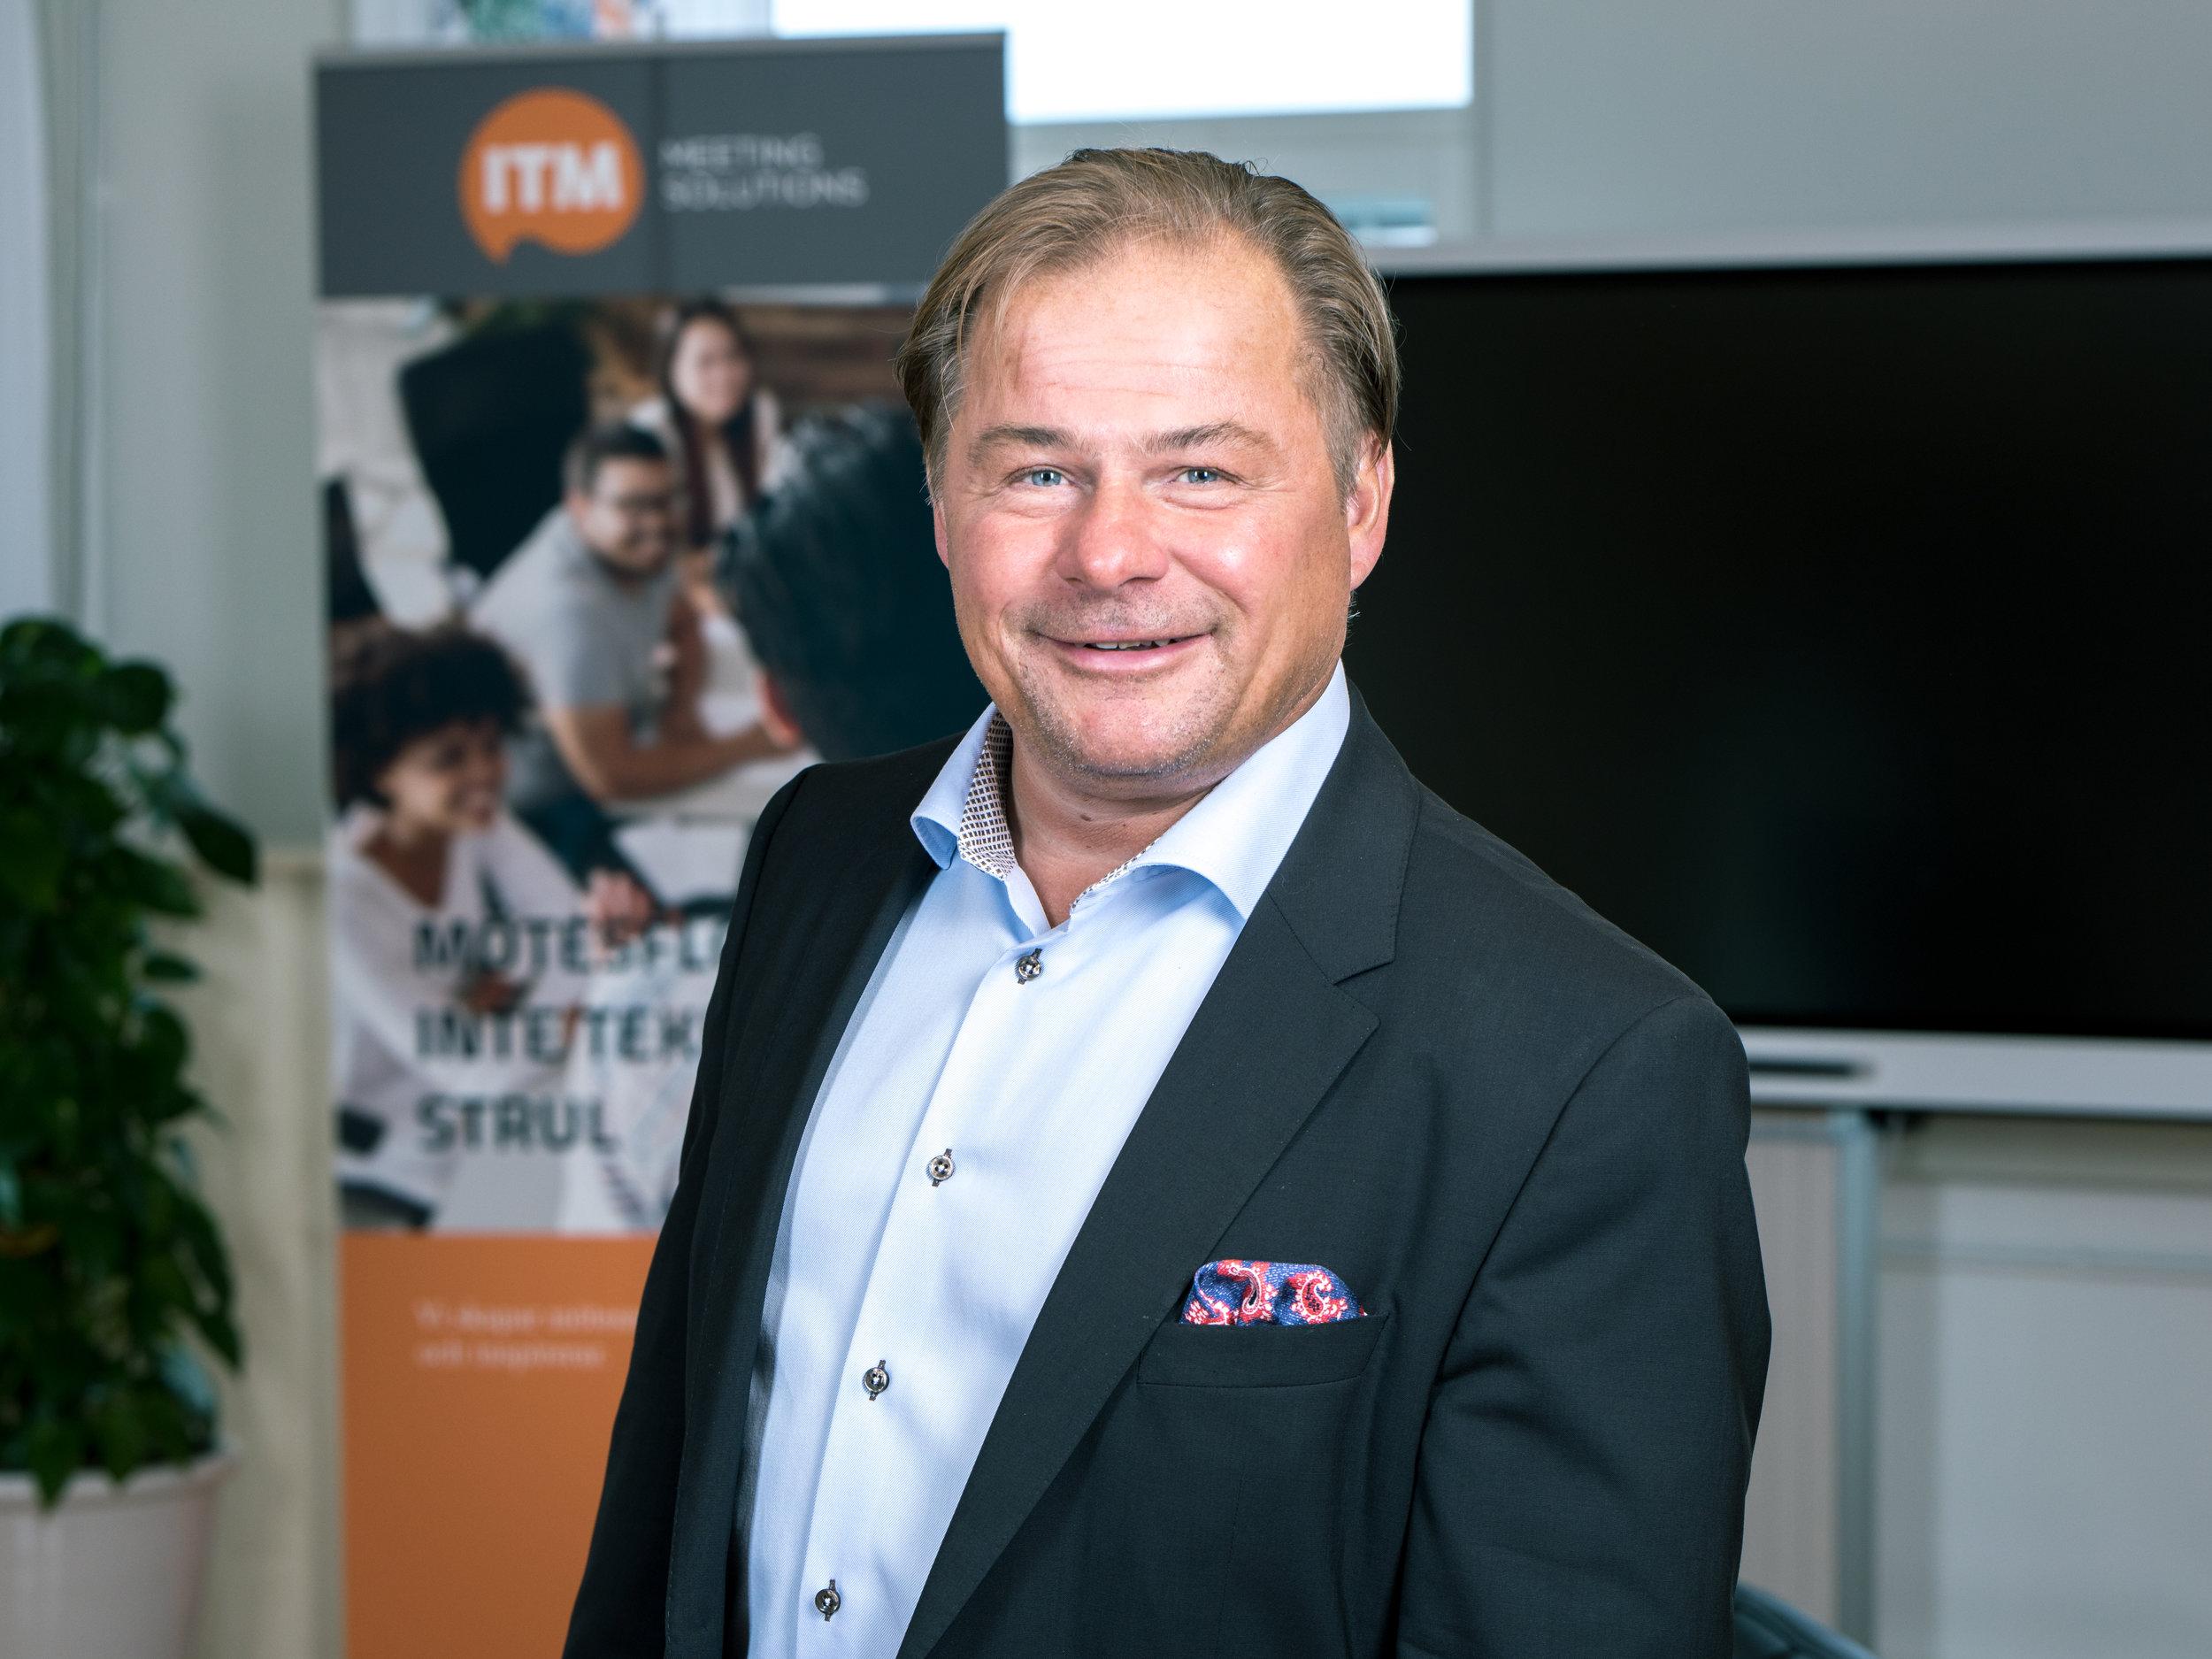 Johan Kinnerfors - VD, ITM Meeting Solutionsjohan.kinnerfors@itmab.se+46 708-52 95 19